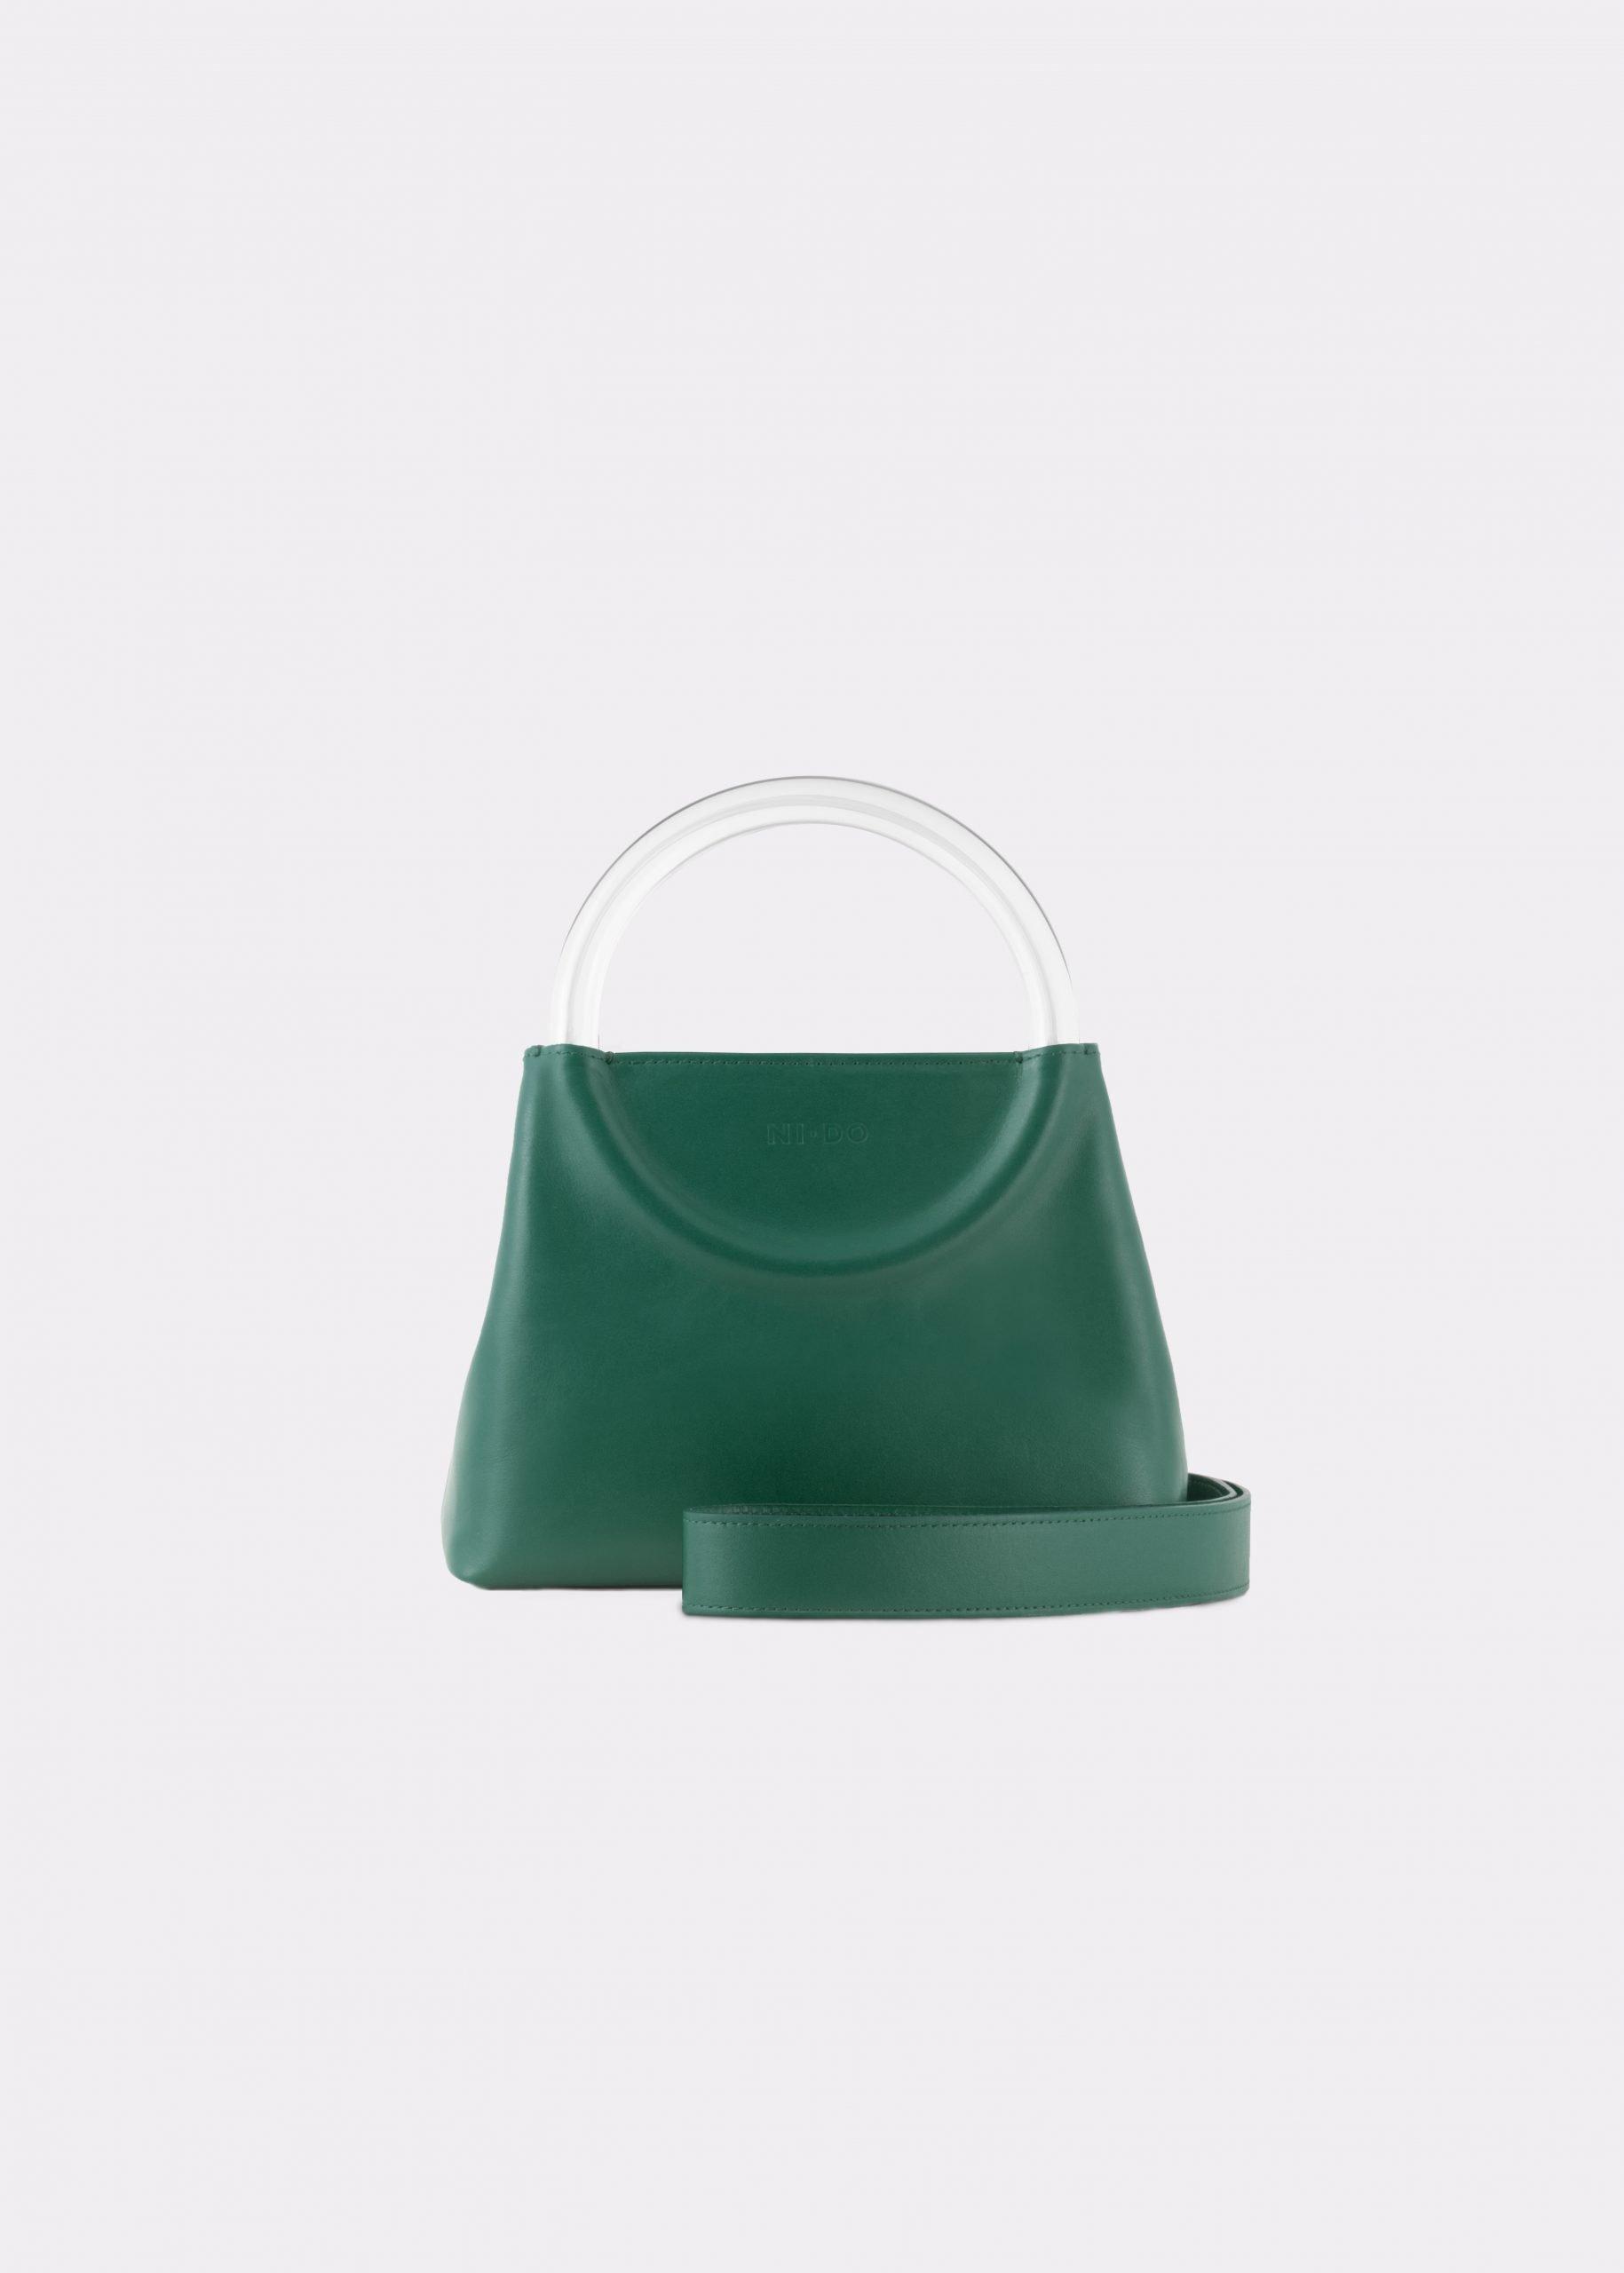 NIDO Bolla Mini Emerald Green/Plexy_shoulder strap view